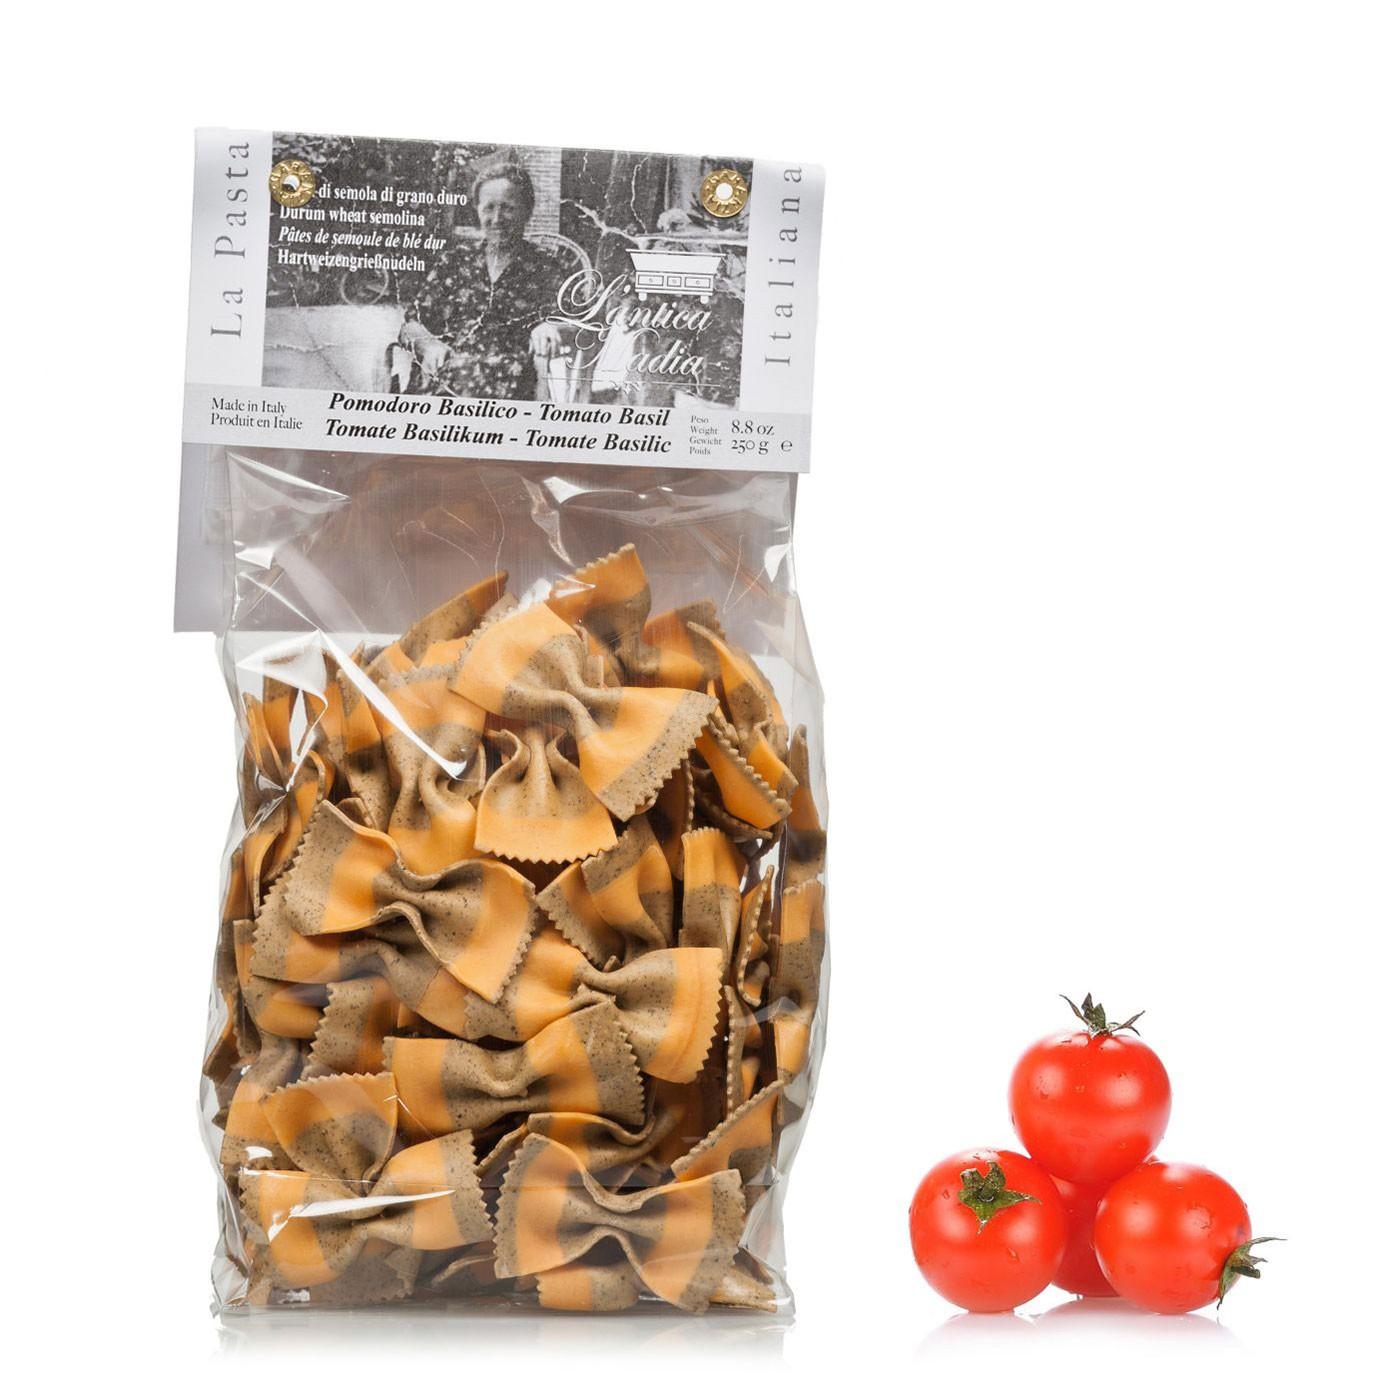 Tomato and Basil Farfalle 8.8 oz